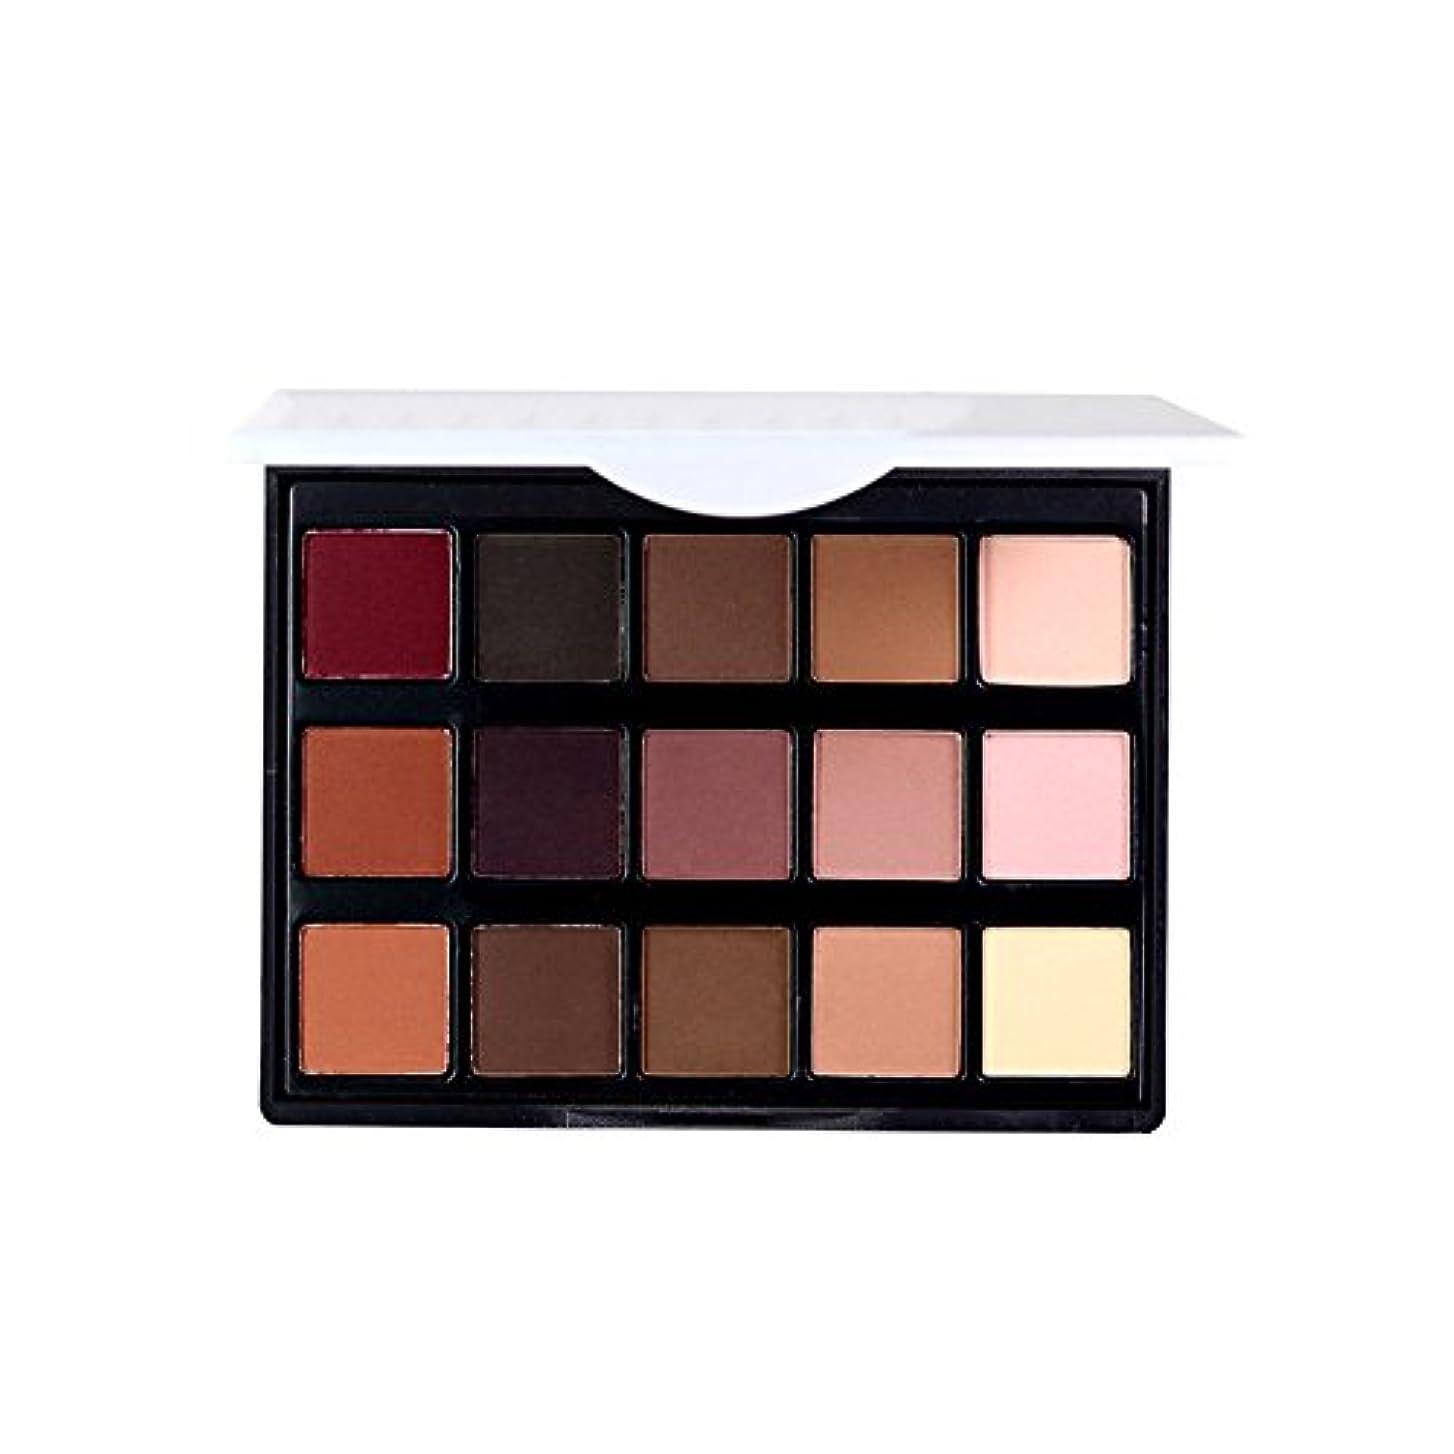 放棄する勢い夕暮れ女性 プロフェッショナル15色 眼 影 化粧品 パレット アイシャドウ アイメイク アップ化粧品 1